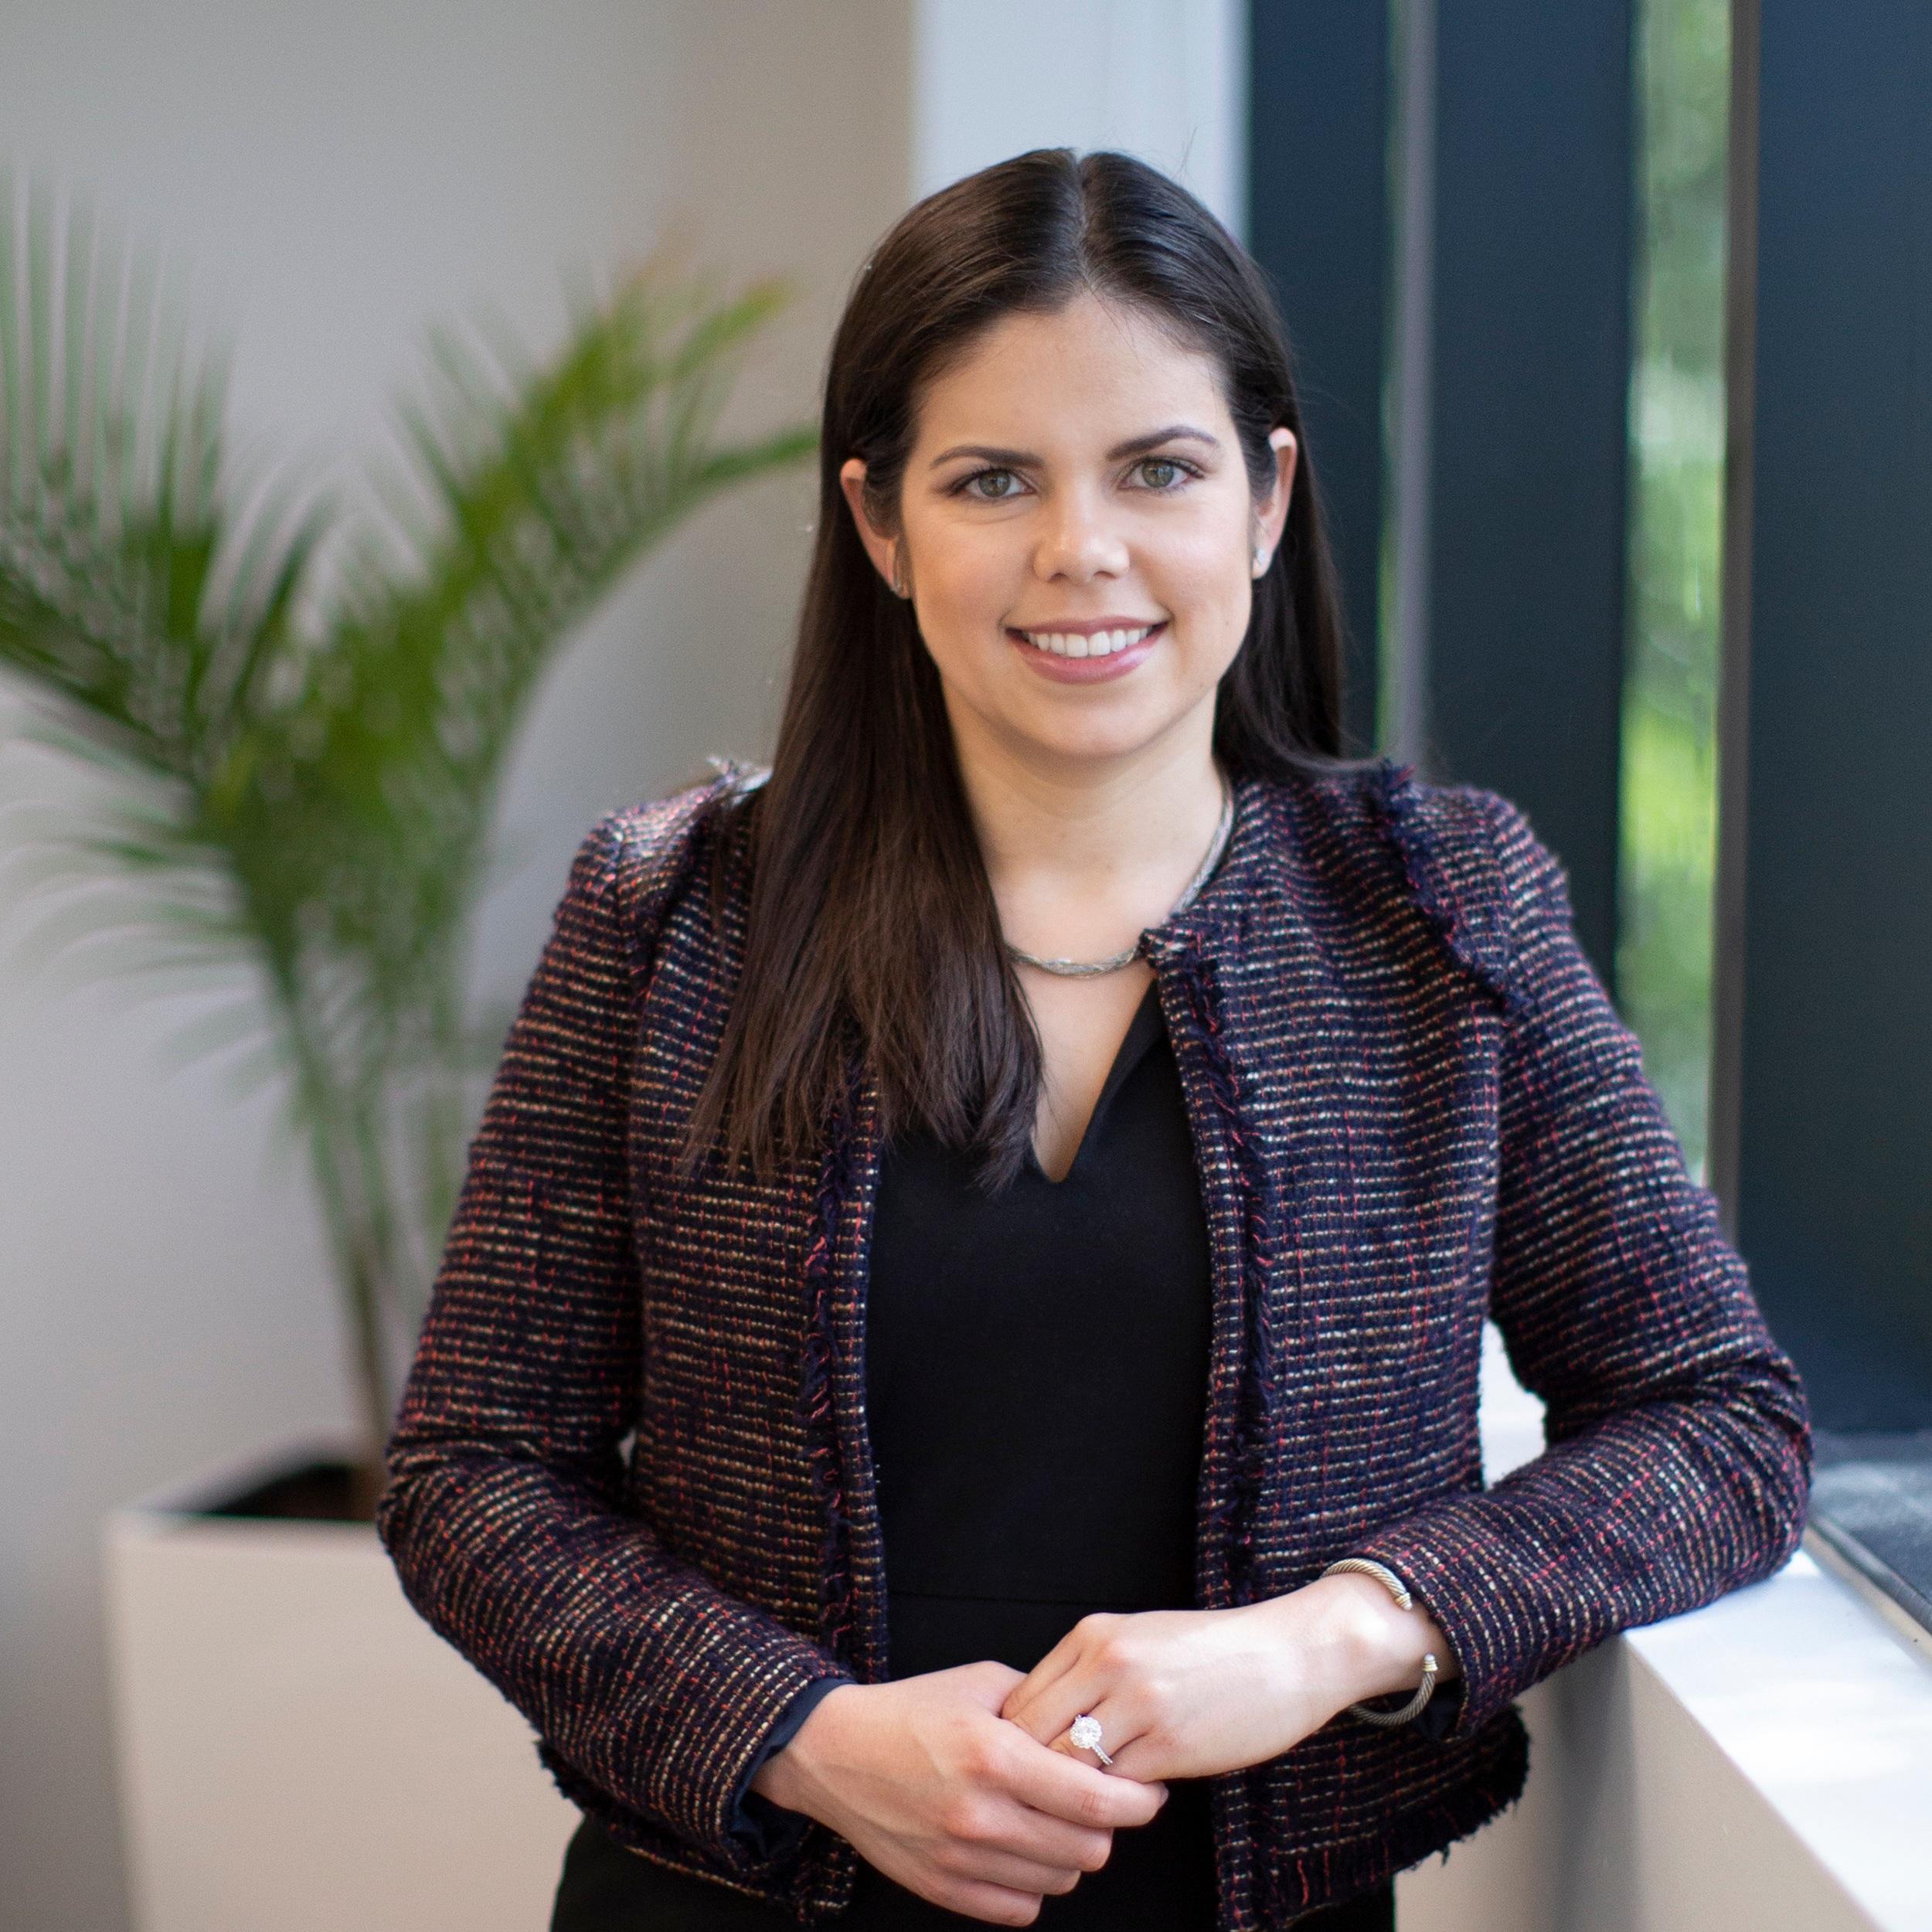 Liana De La Noval